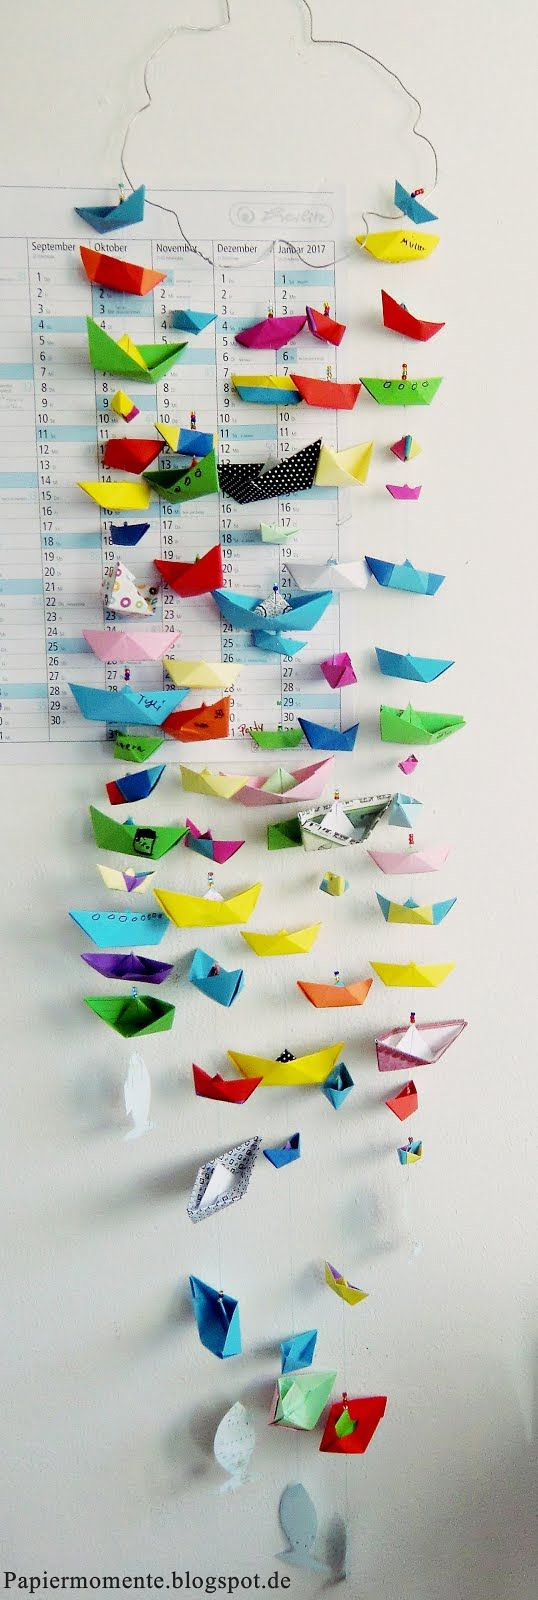 Das Basteln eines Papierschiffes kenne ich noch aus meiner Kindheit. Oft genug habe ich das Papier zu einem kleinen Schiff mit Segel z...